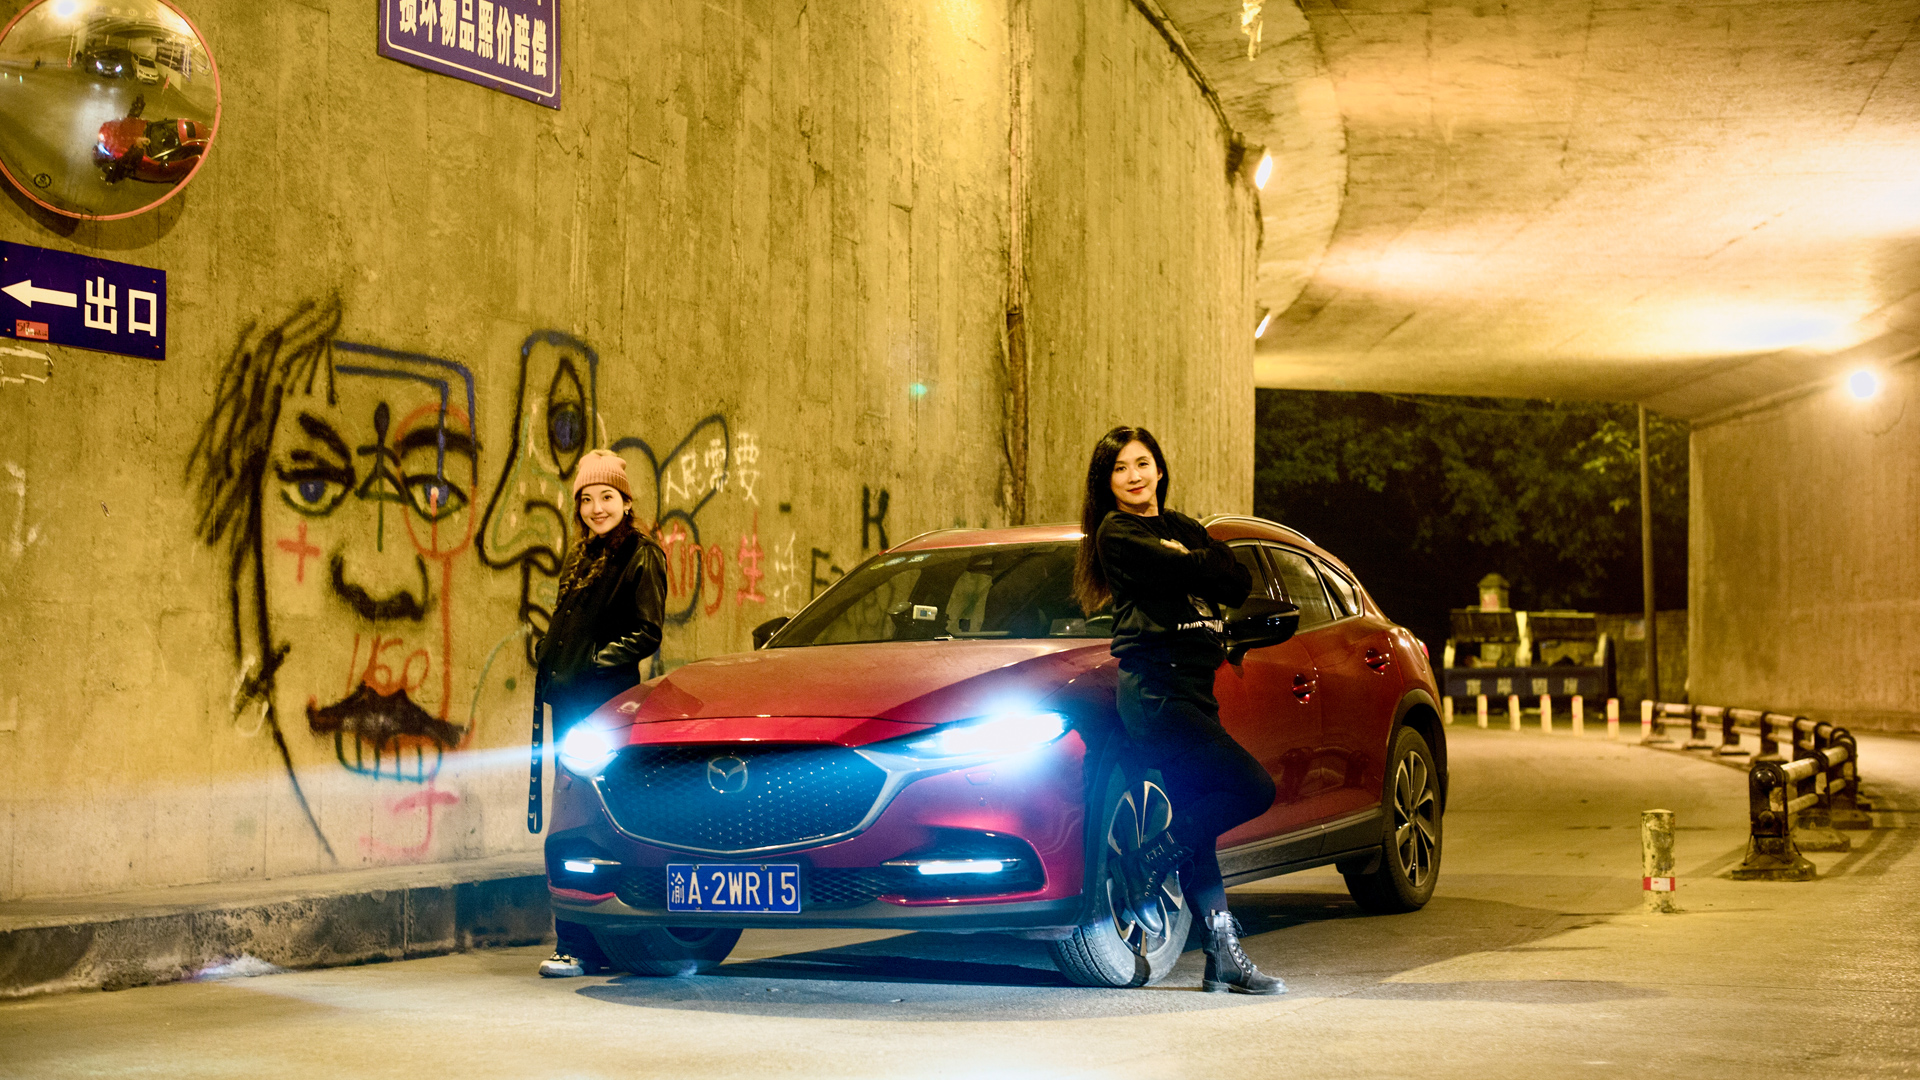 林林GO|深入重庆市井文化,山城妹子与全新 CX-4 解锁多彩人生